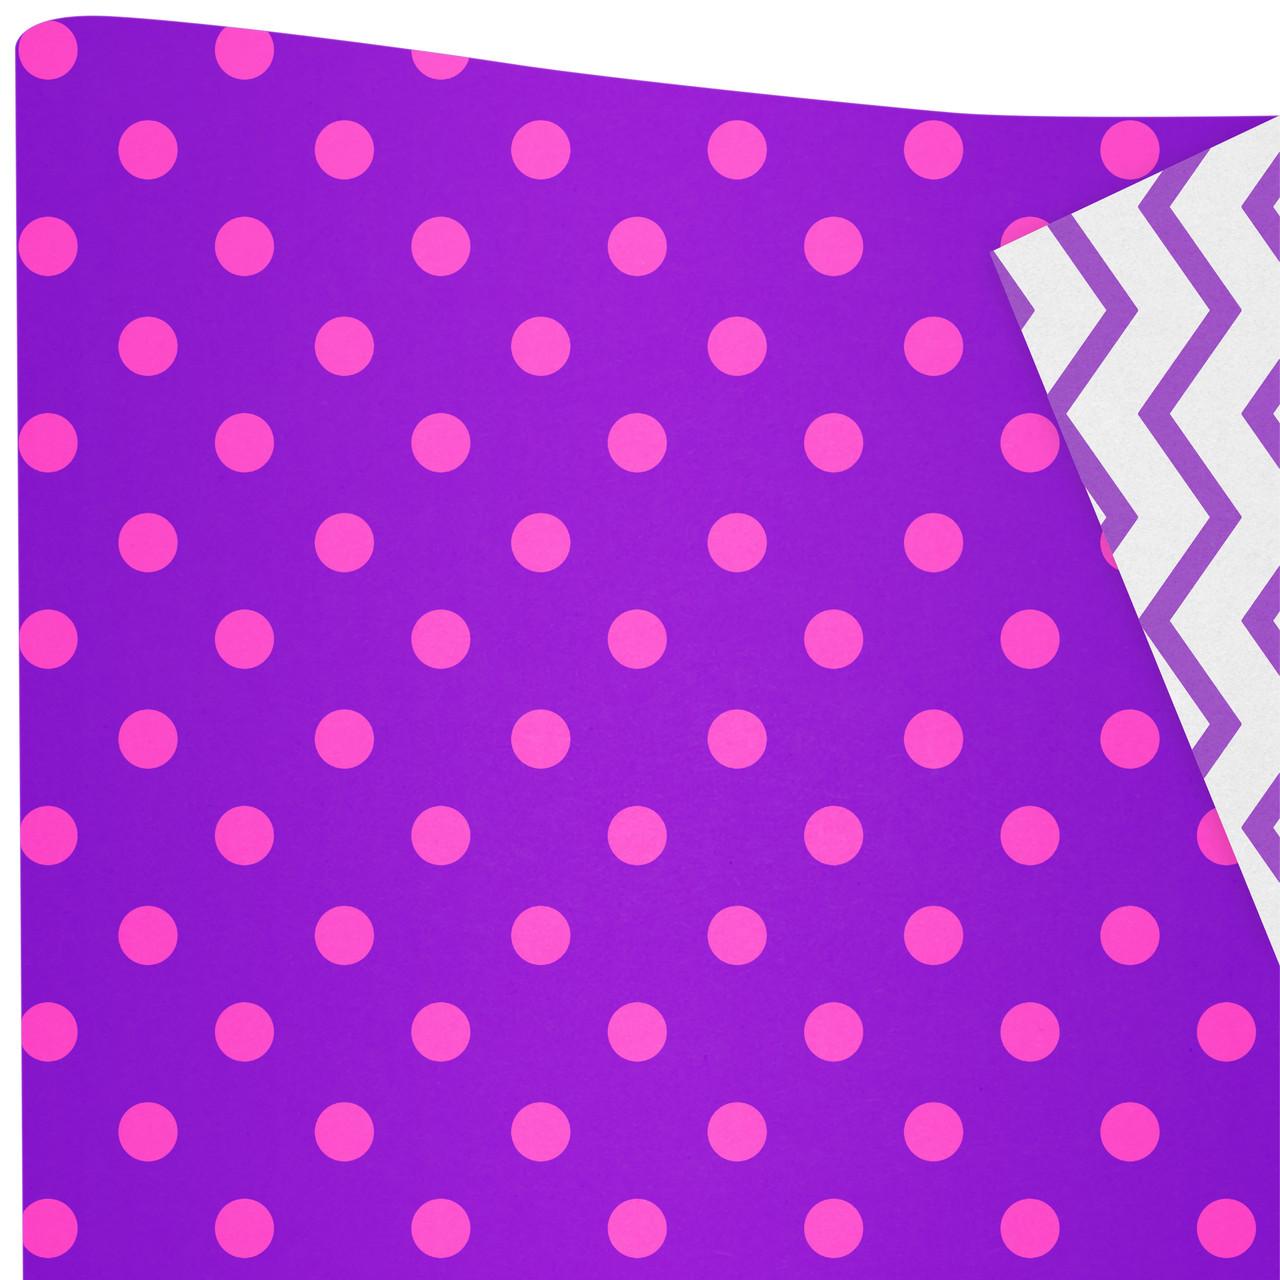 Бумага двухсторонняя /ретро/ Горошки розовые на фиолетовом